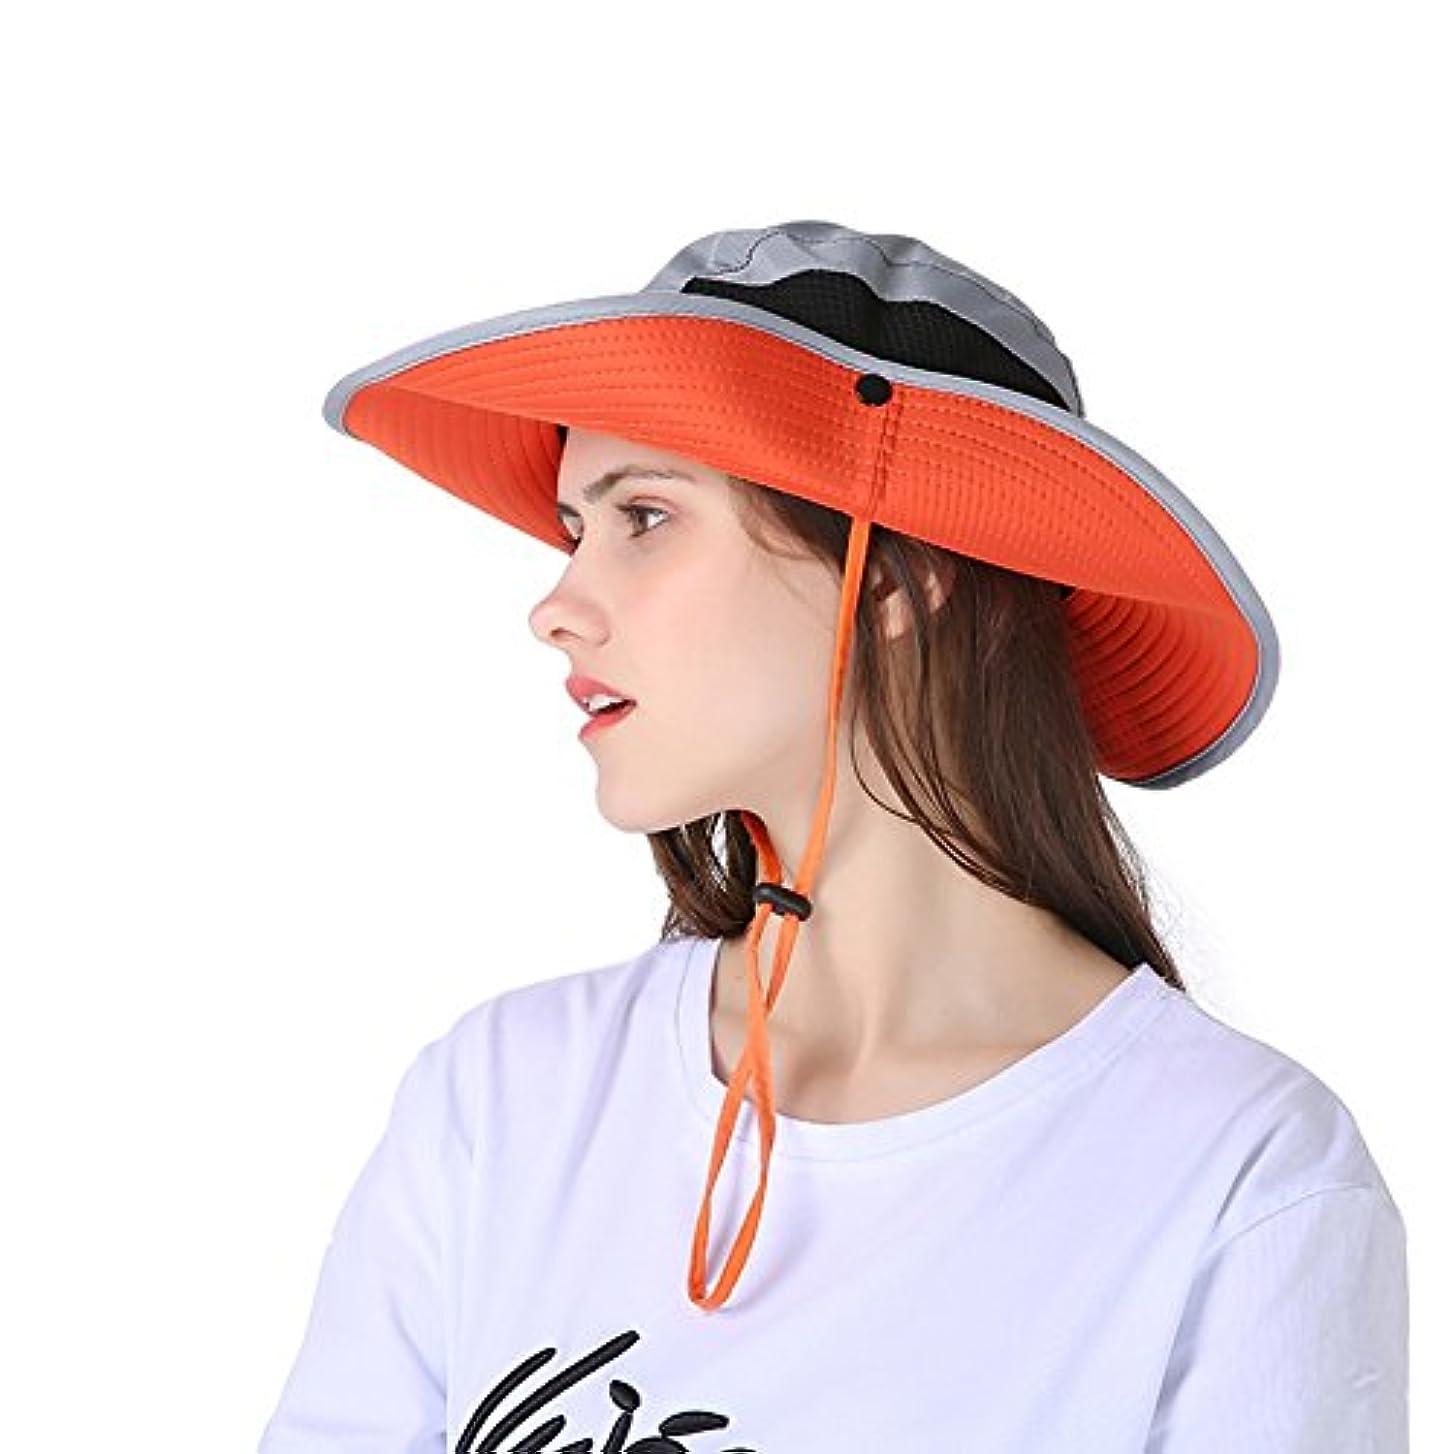 ずんぐりした失敗選ぶOchine キャップ ユニセックス UVカット 日除け 速乾 帽子 アウトドア 旅行 釣り 登山 通気性よい カジュアル ストリート 無地 ゴアテックスハット フィッシング